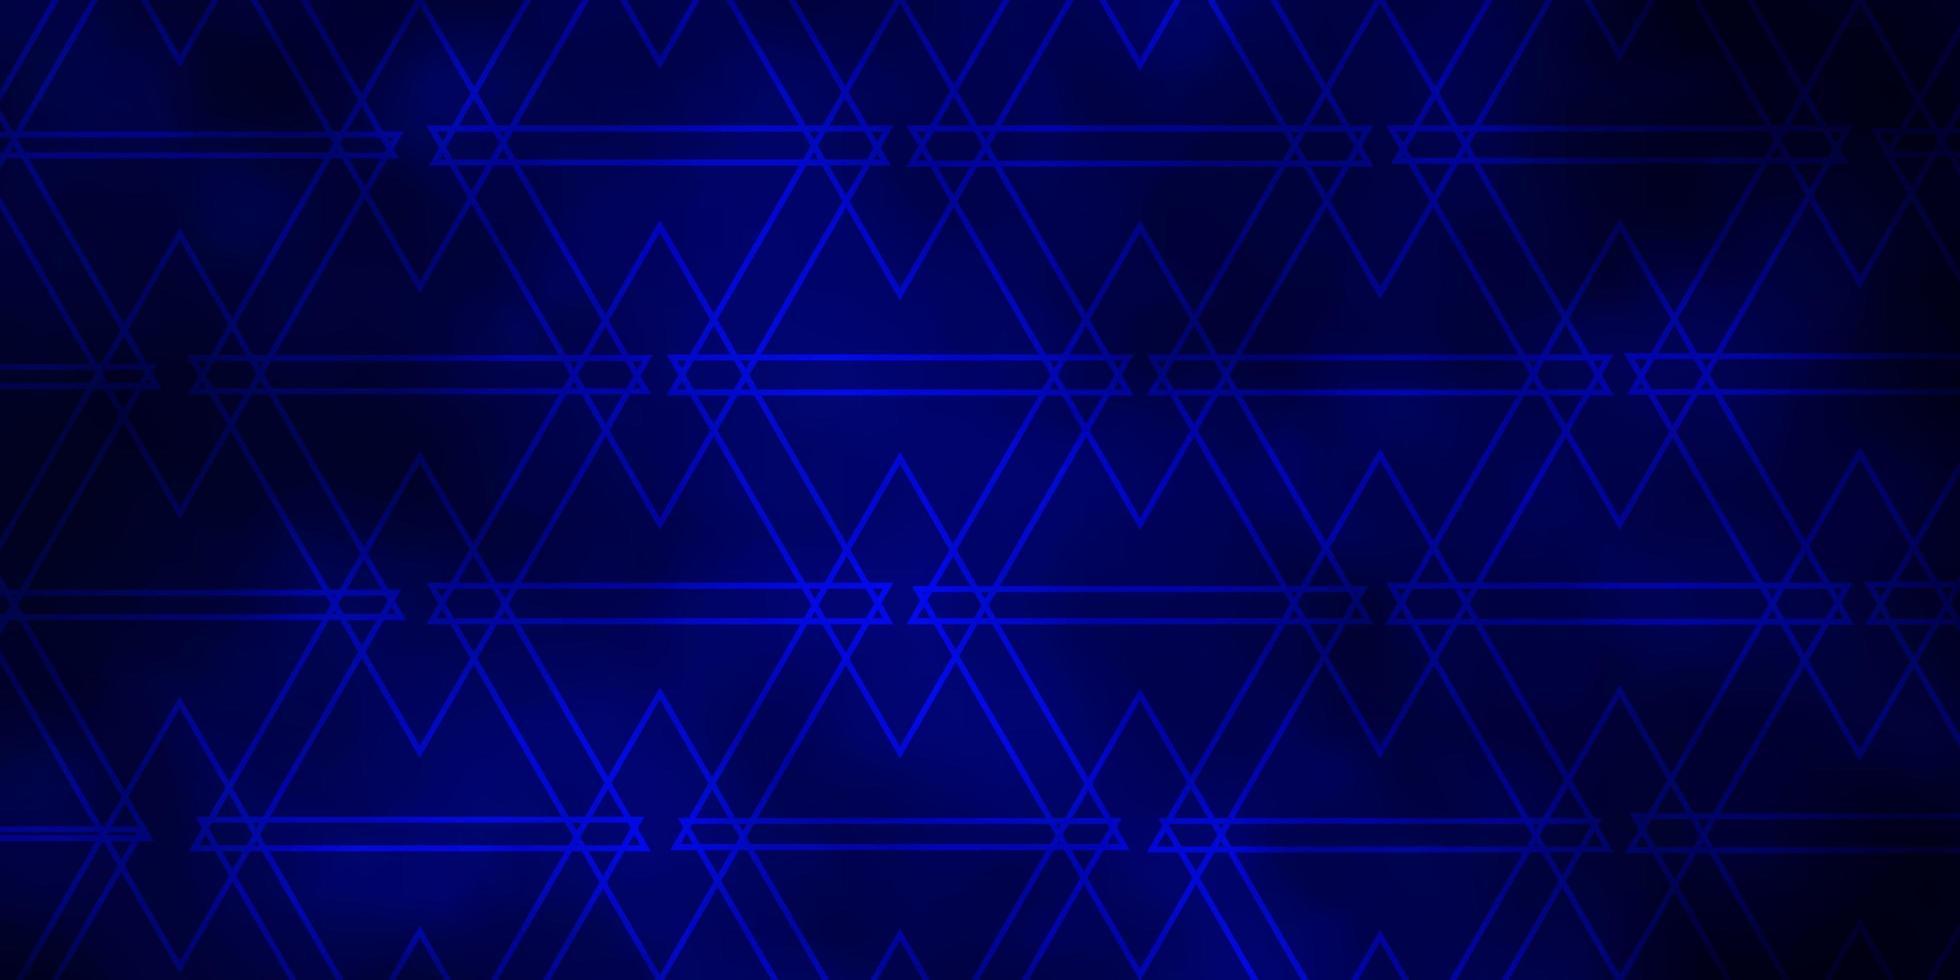 dunkelblauer Hintergrund mit Linien, Dreiecken. vektor